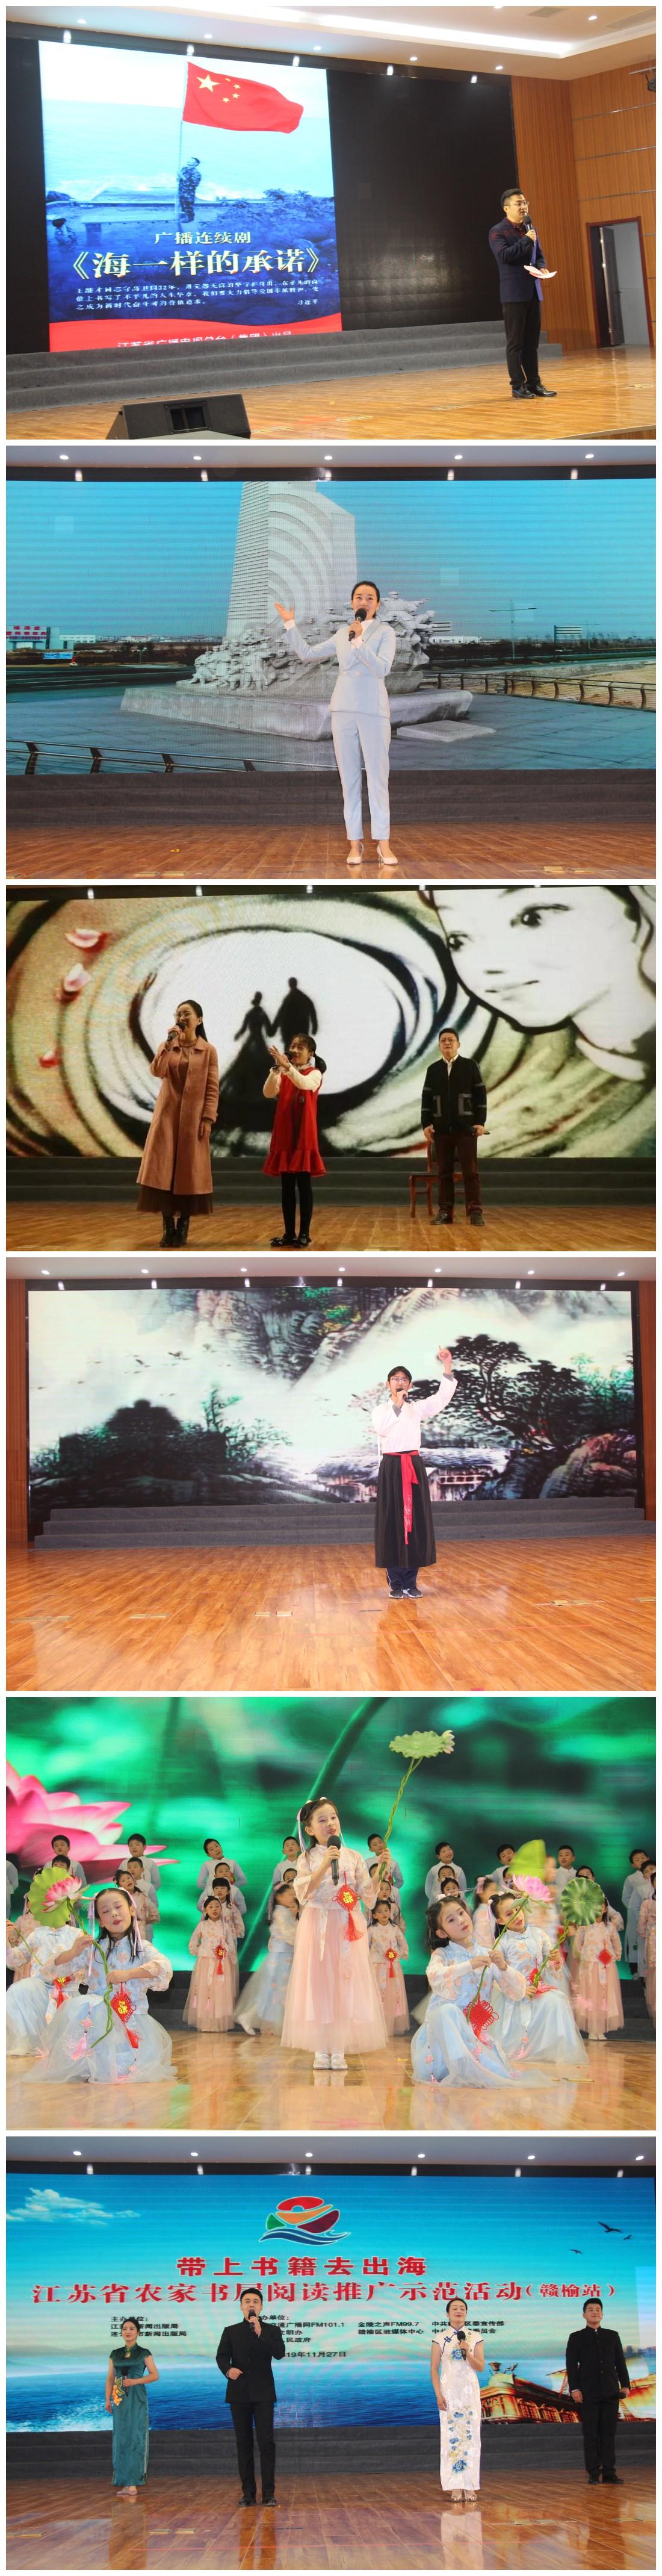 带上书籍去出海 江苏省农家书屋阅读推广示范活动在我市举办